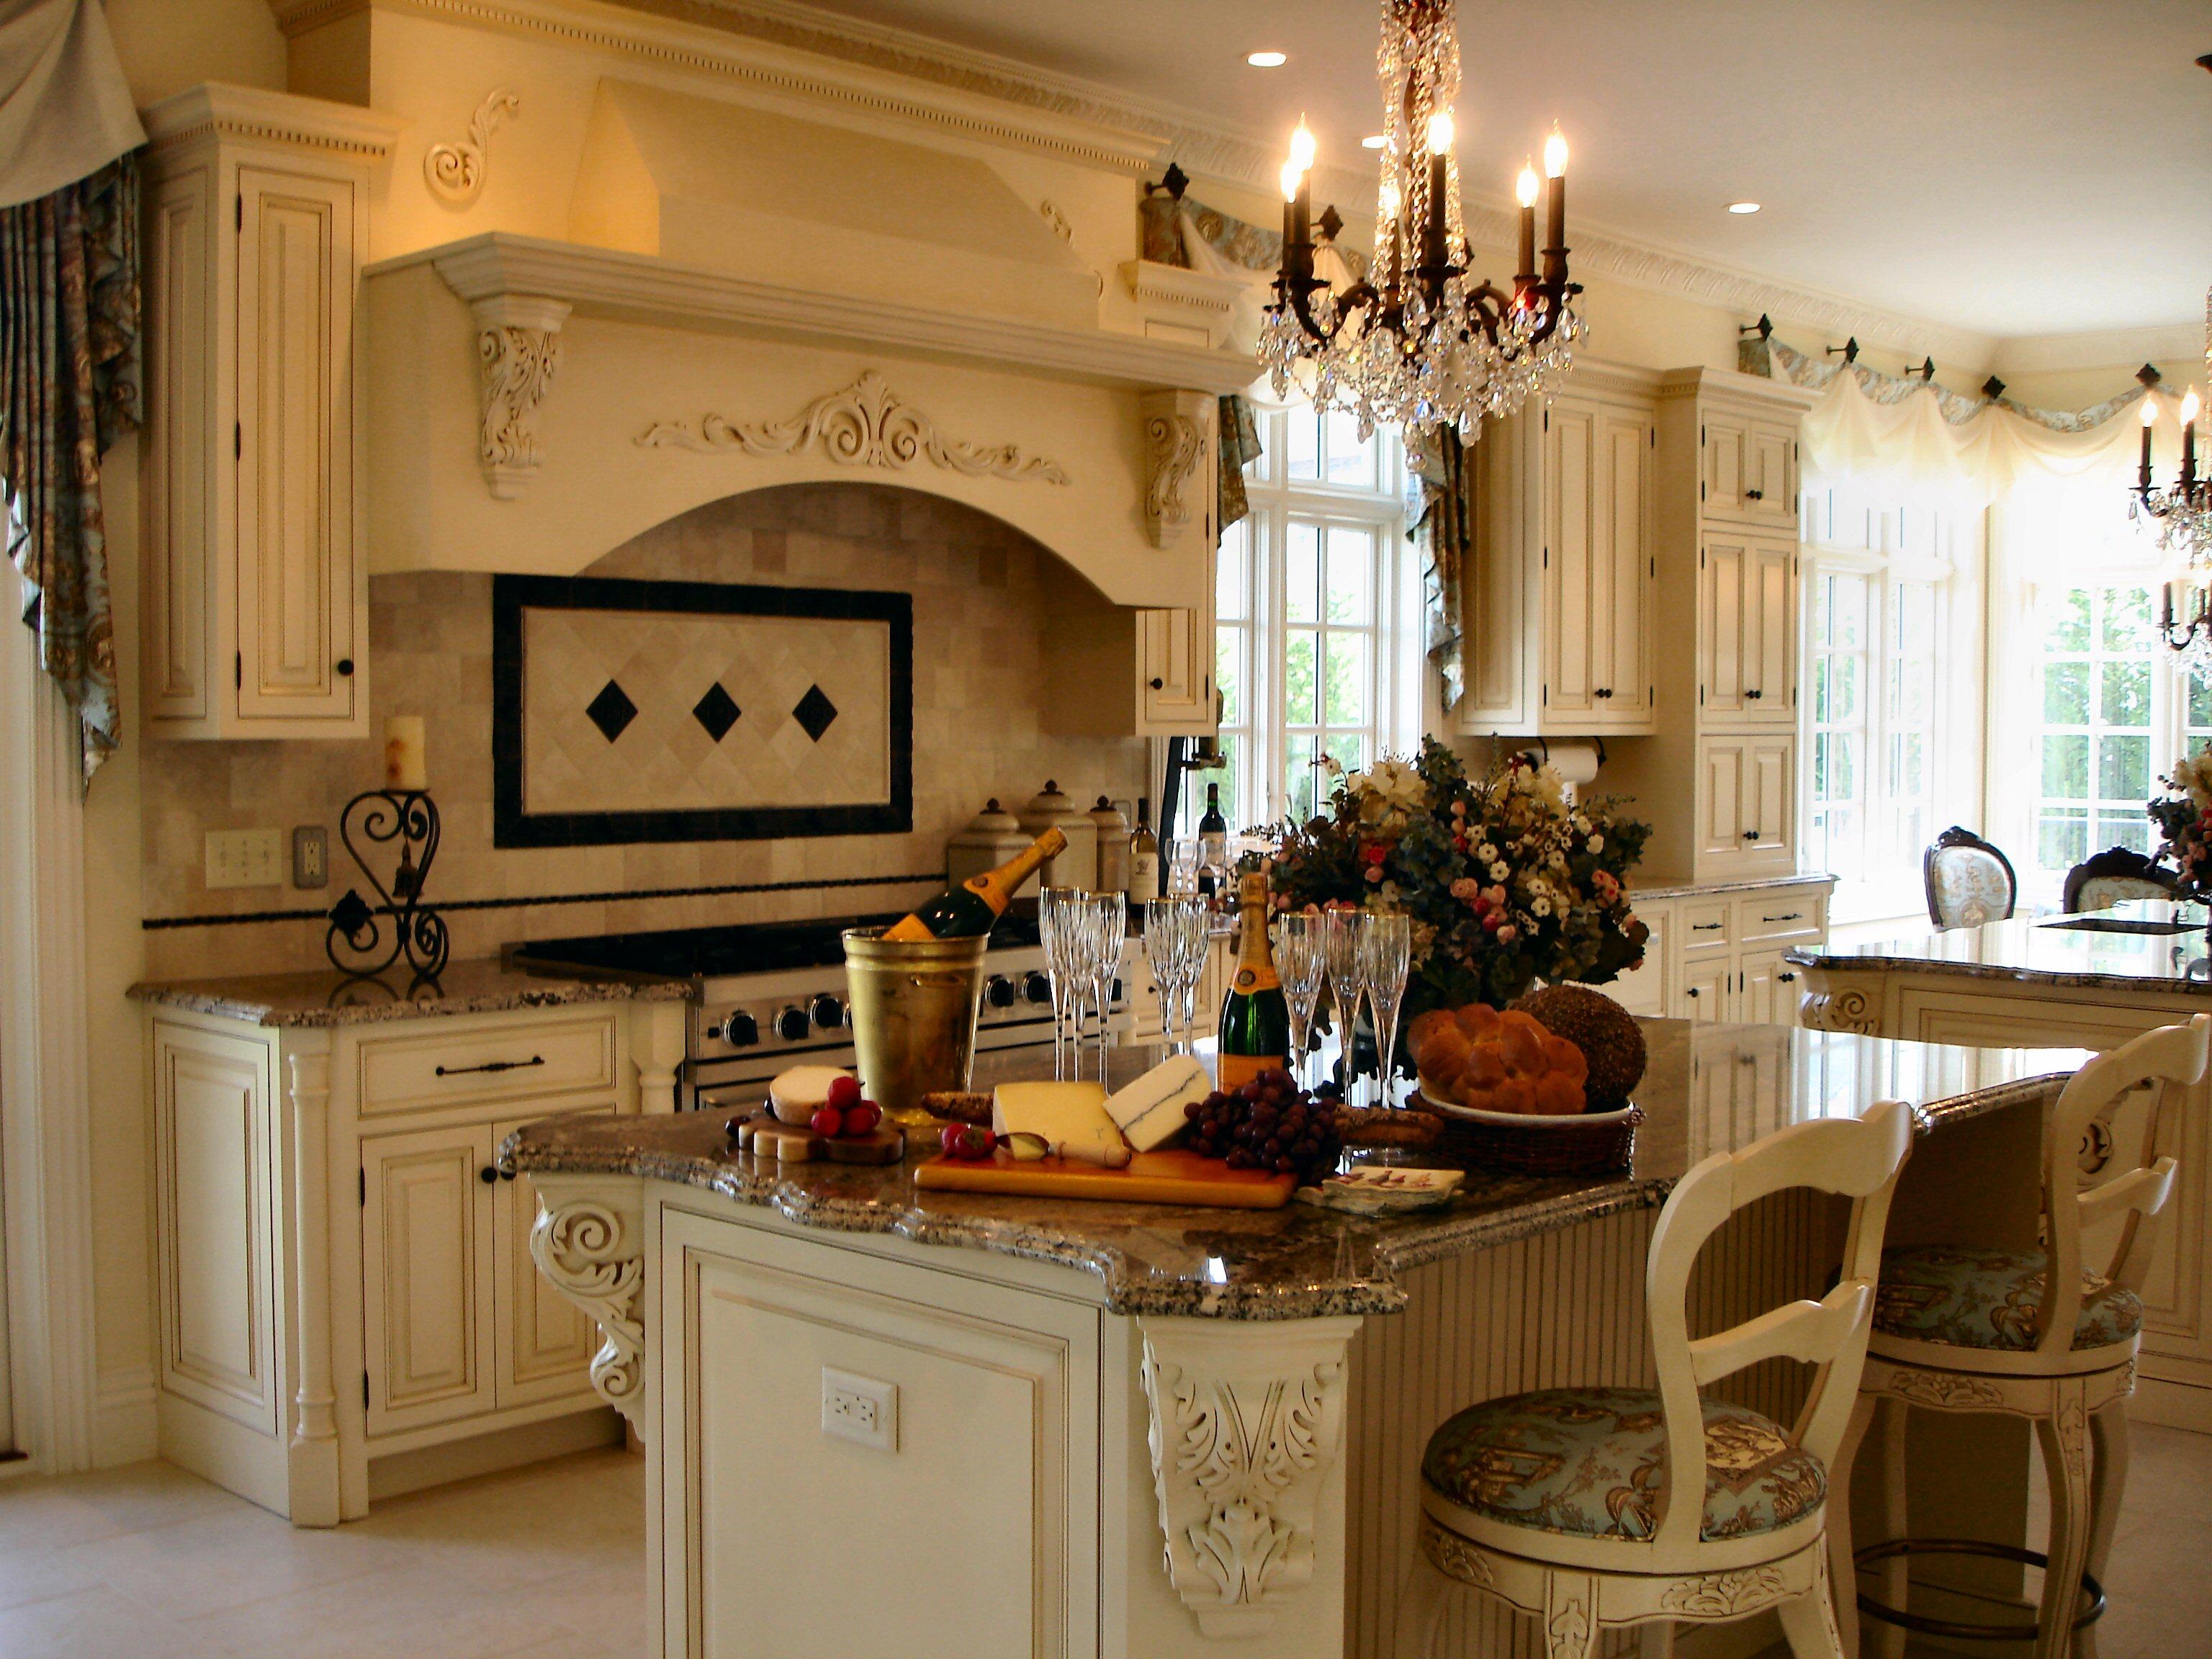 nj kitchen design & remodeling | design build planners